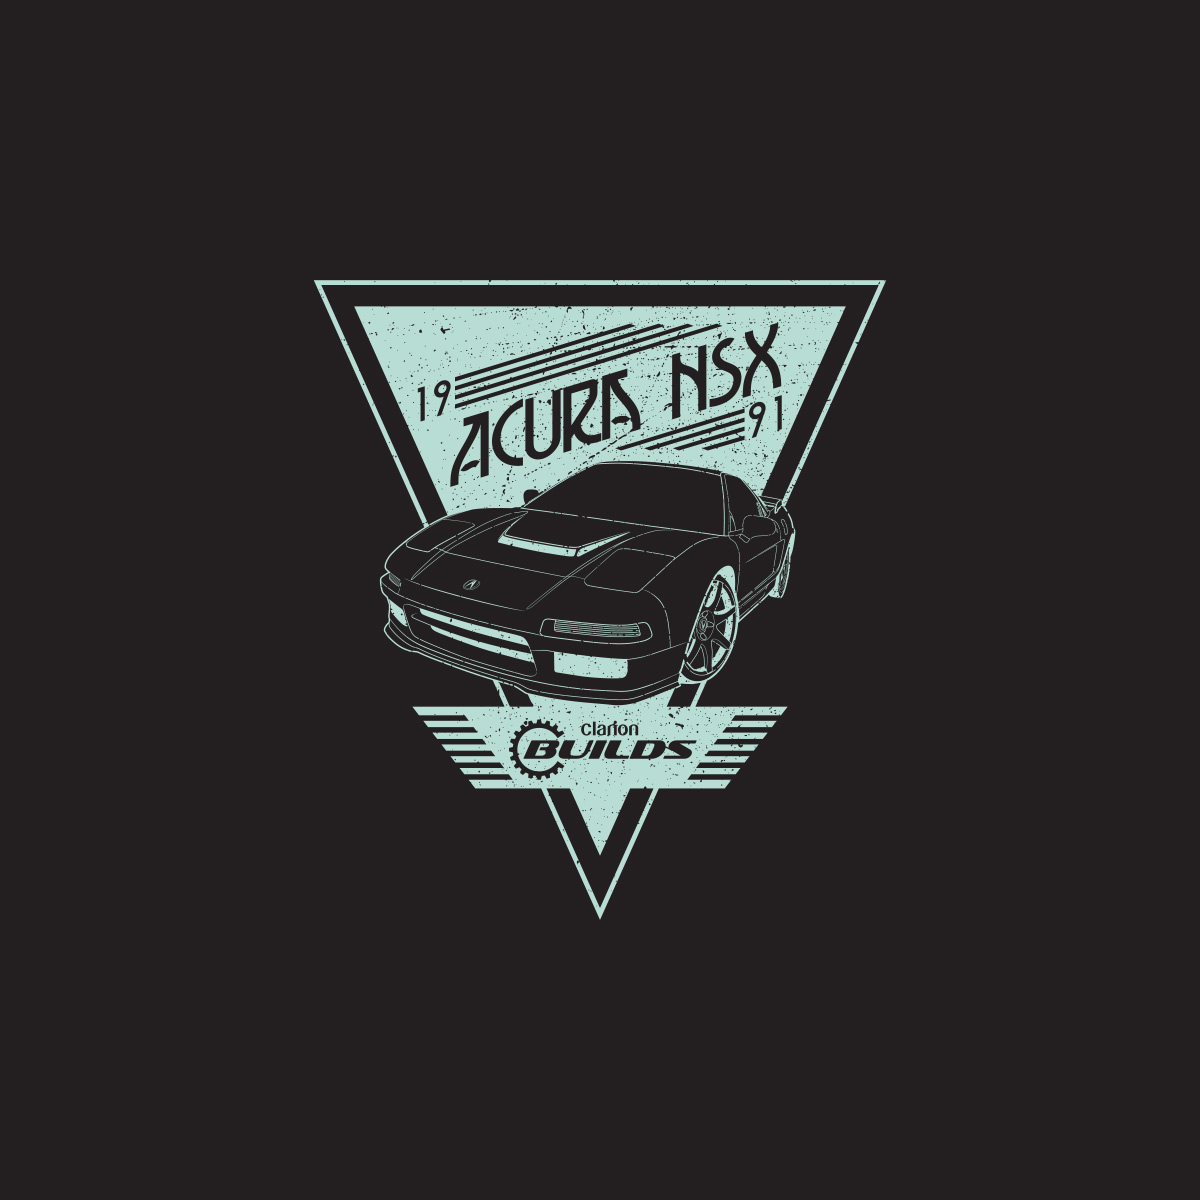 Acura_3.jpg